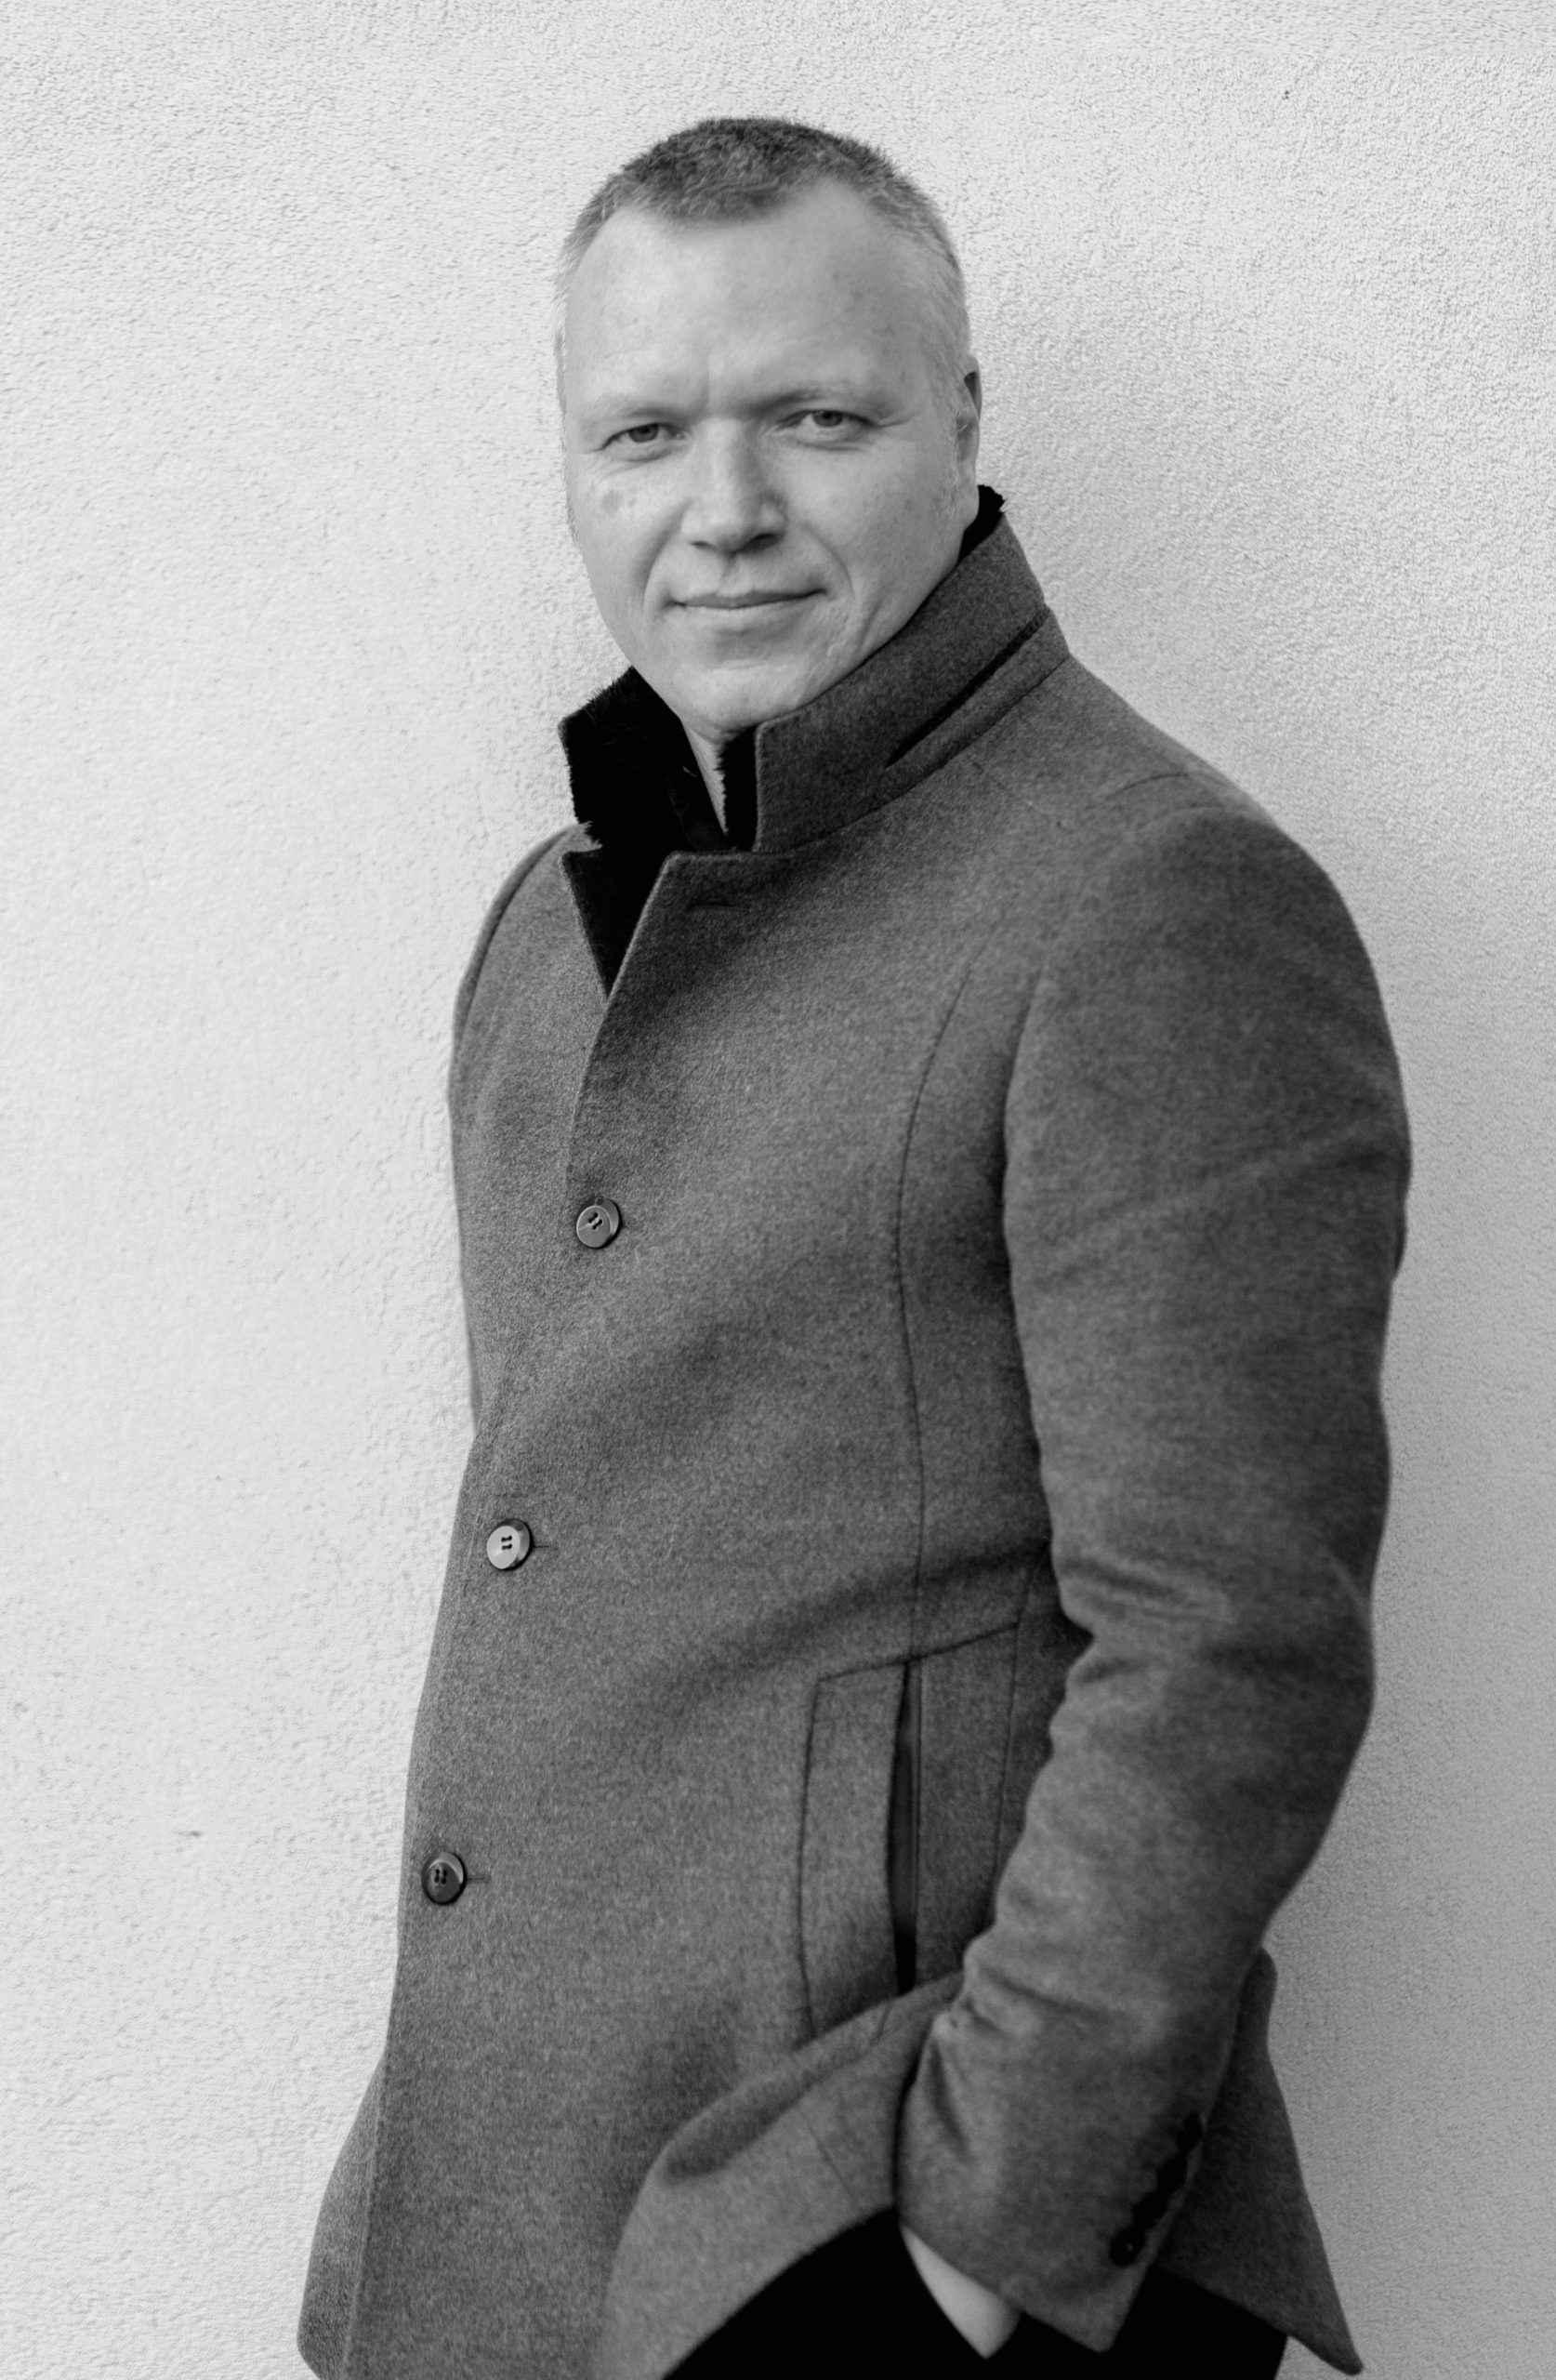 John Hoogendoorn